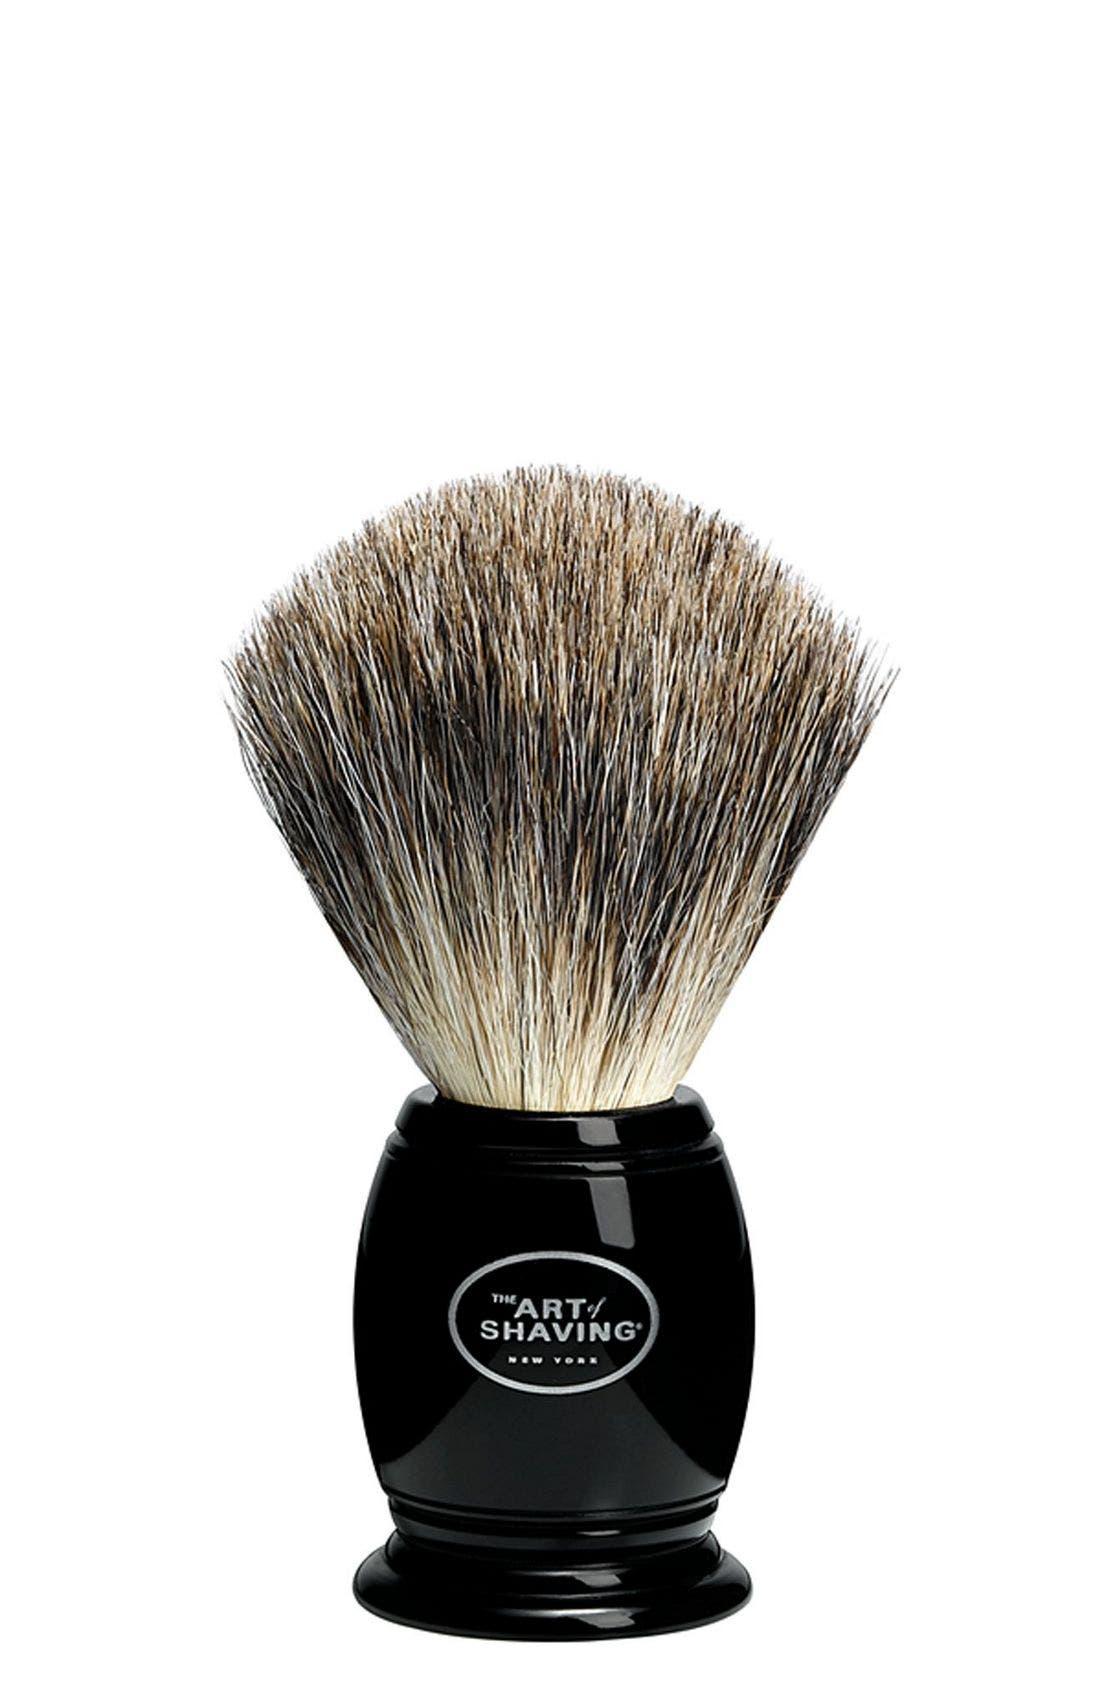 The Art of Shaving® Pure Badger Shaving Brush